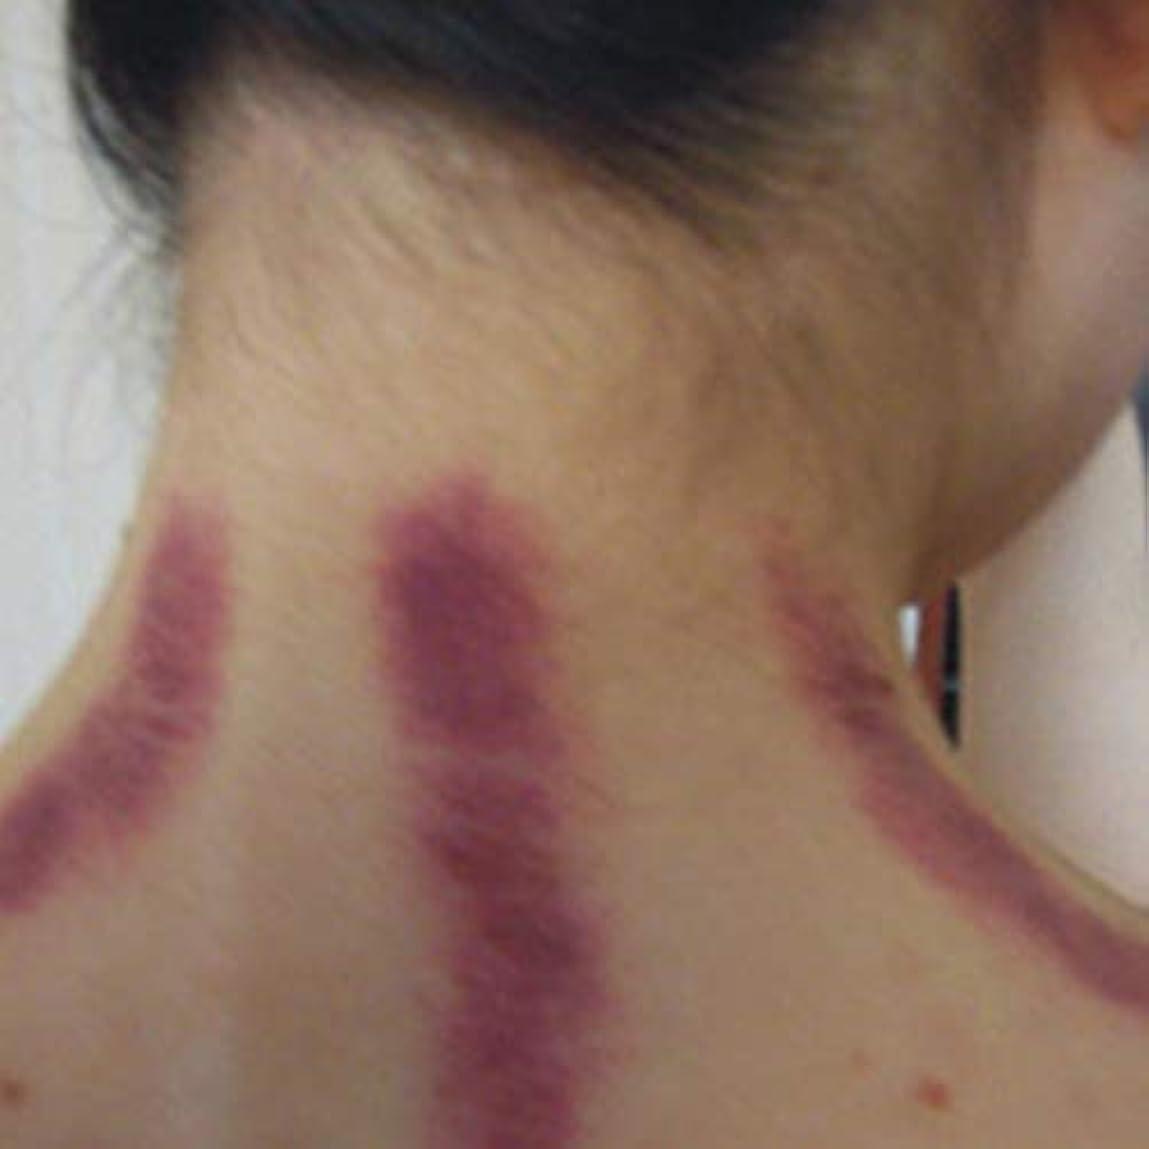 リフトデイジー作りますCompact Size Gua Sha Facial Treatment Massage Tool Imitation horn scraping